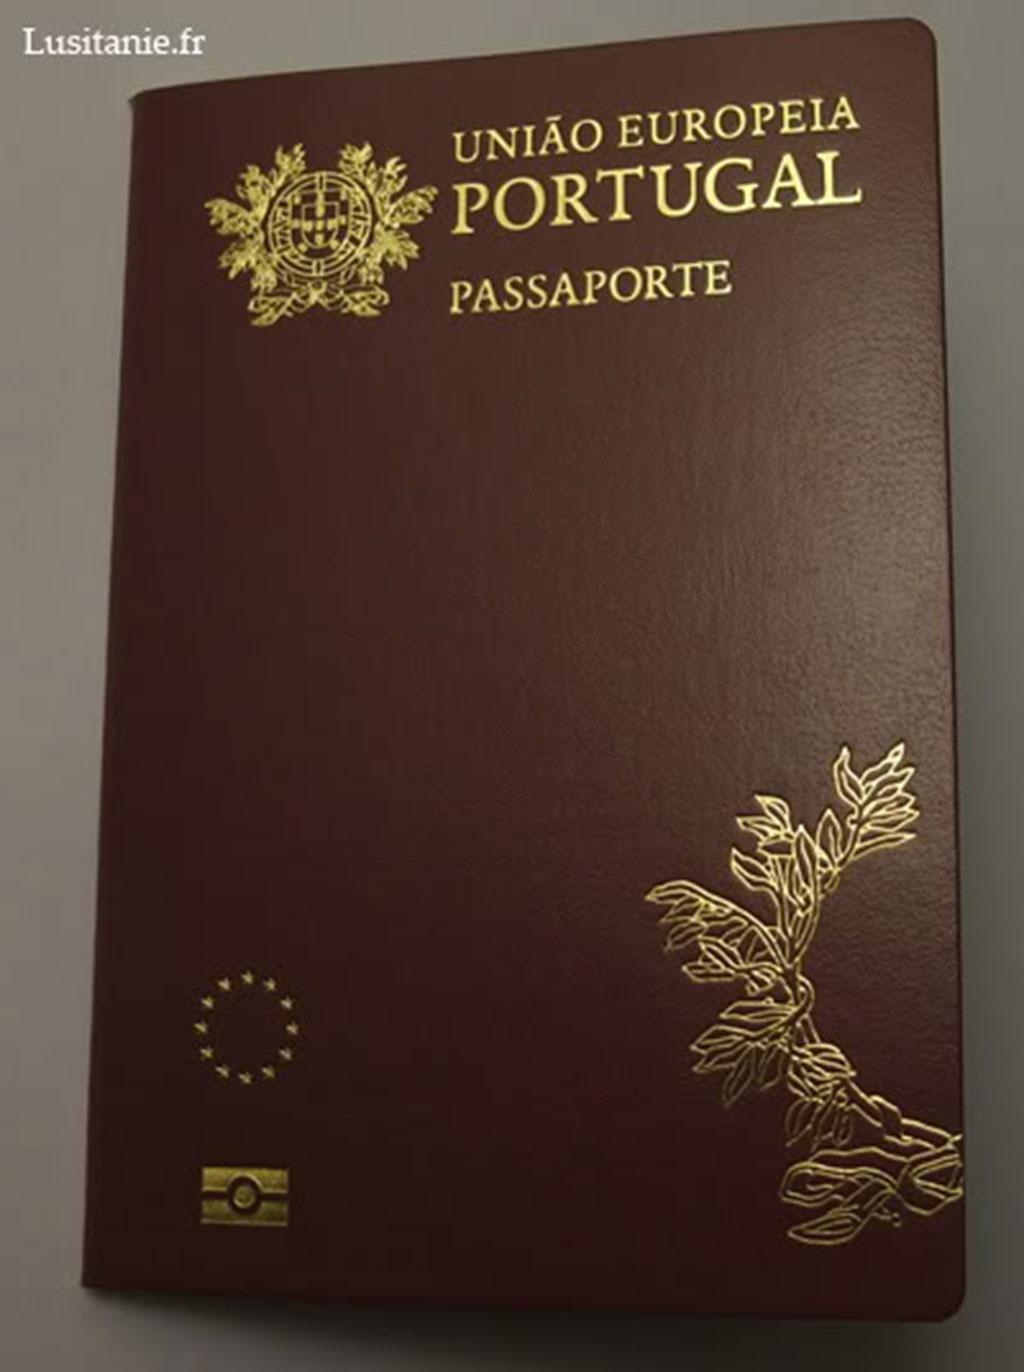 Passeport portugais électronique : simple formalité au consulat